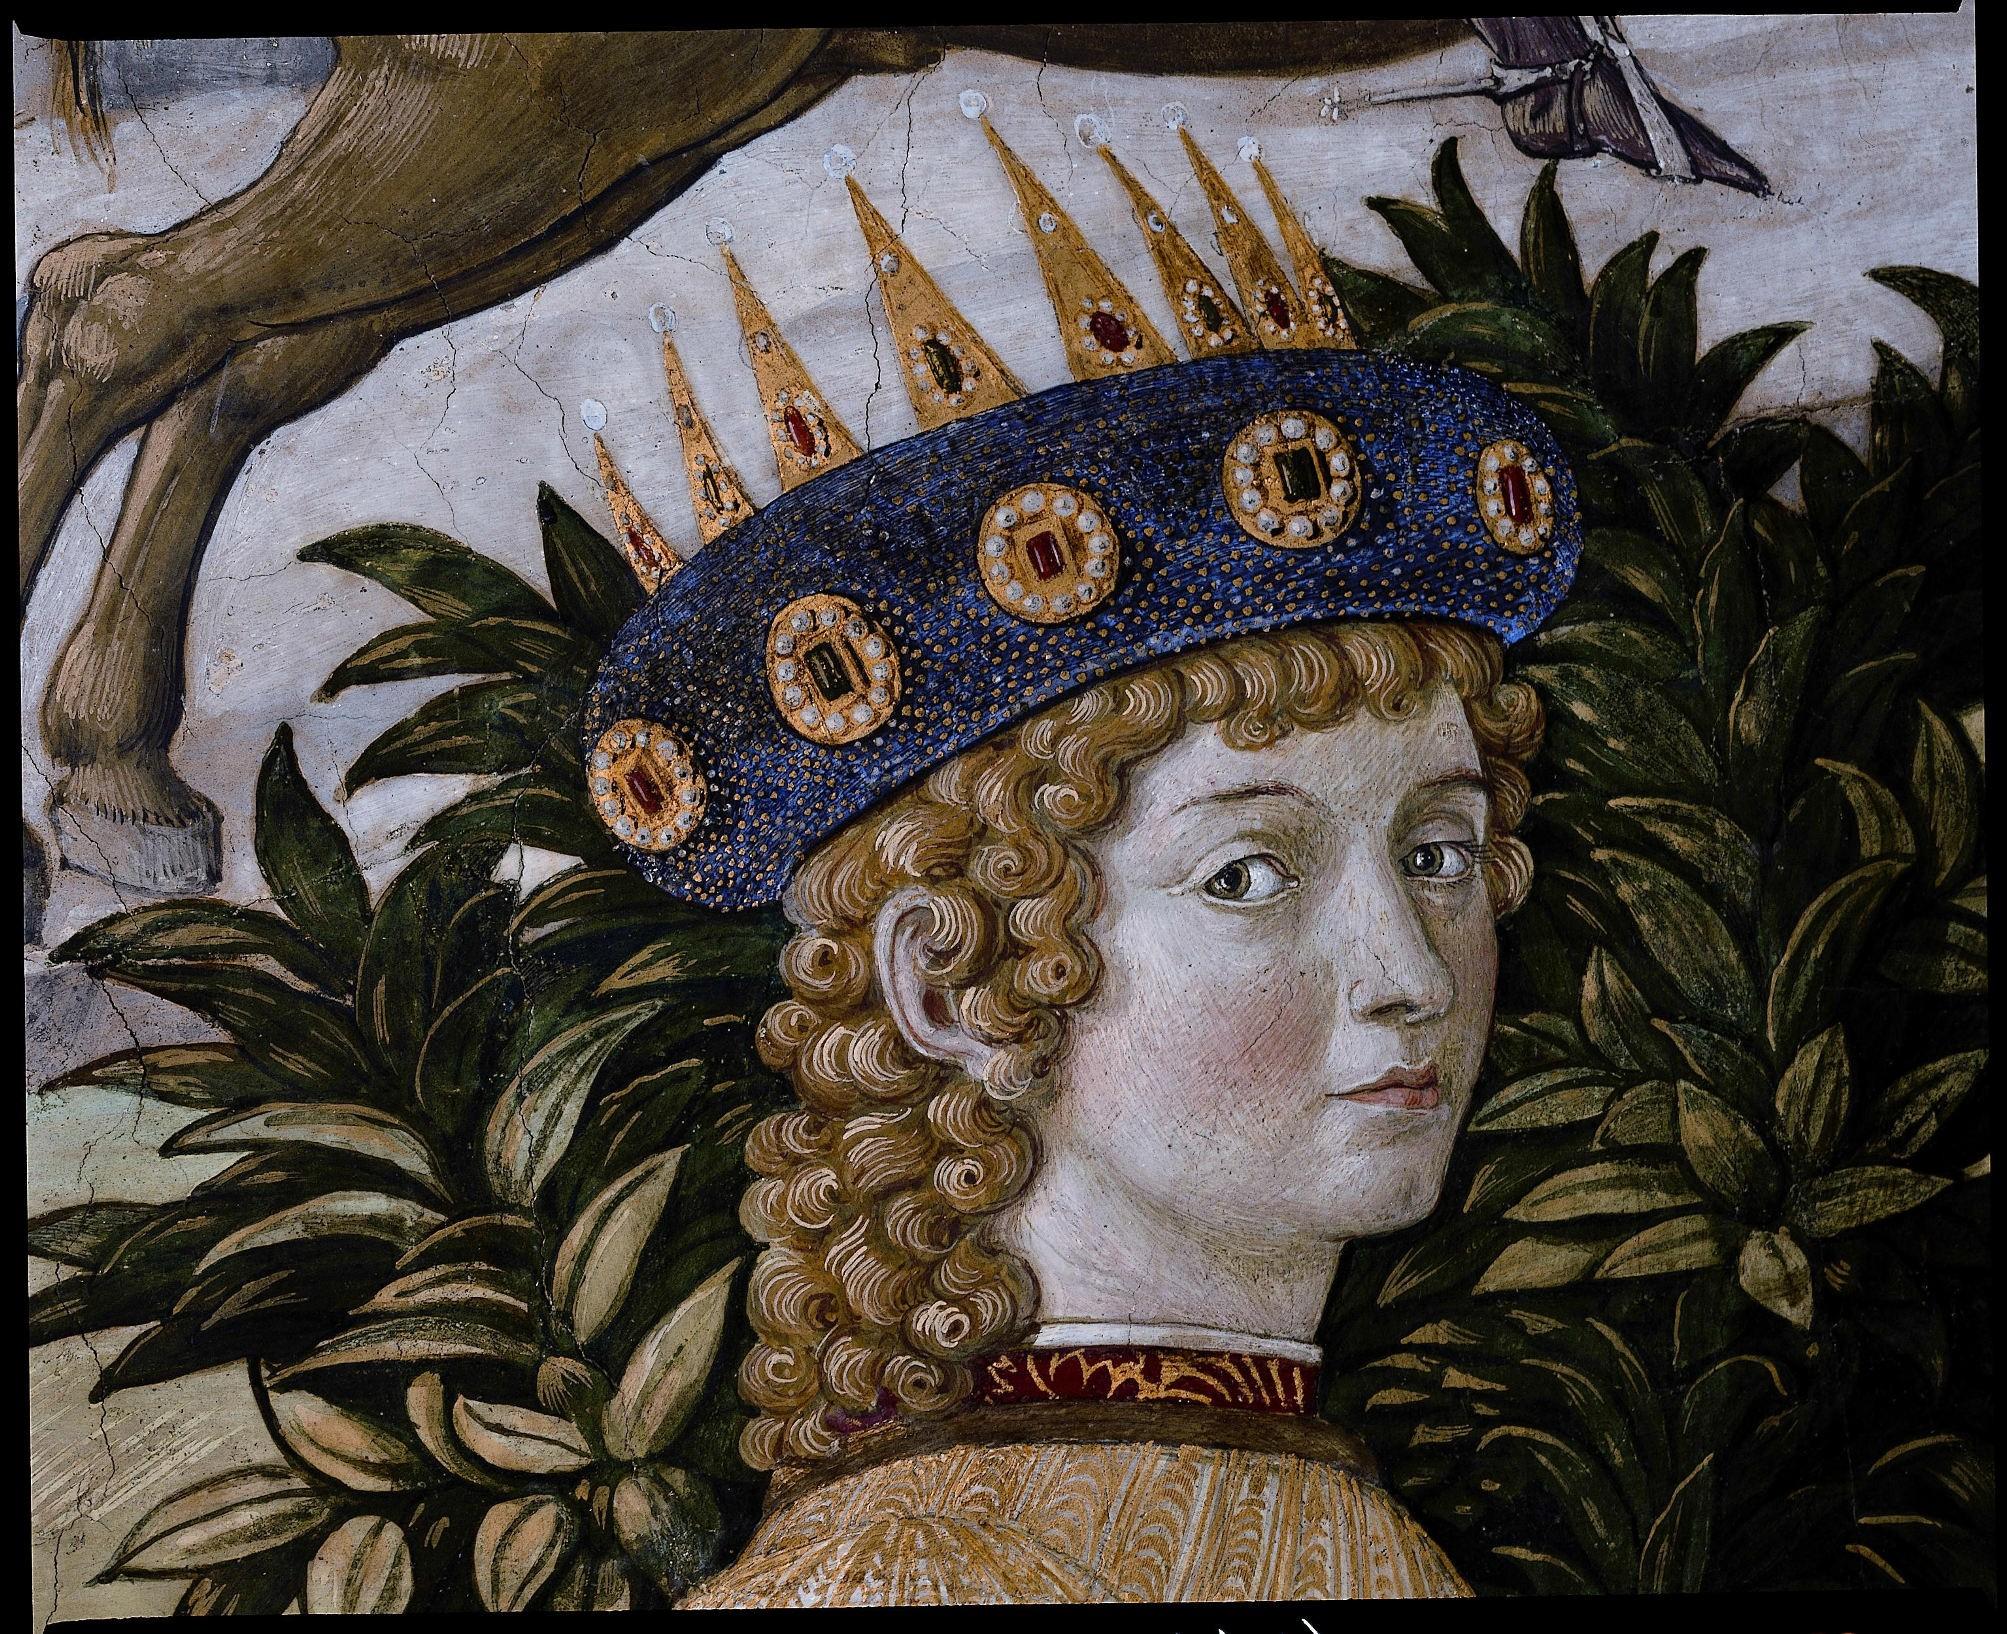 Saggio di osservazioni sugli affreschi della Cappella di Palazzo Medici Riccardi in Firenze(*) – Luca Maccaferri